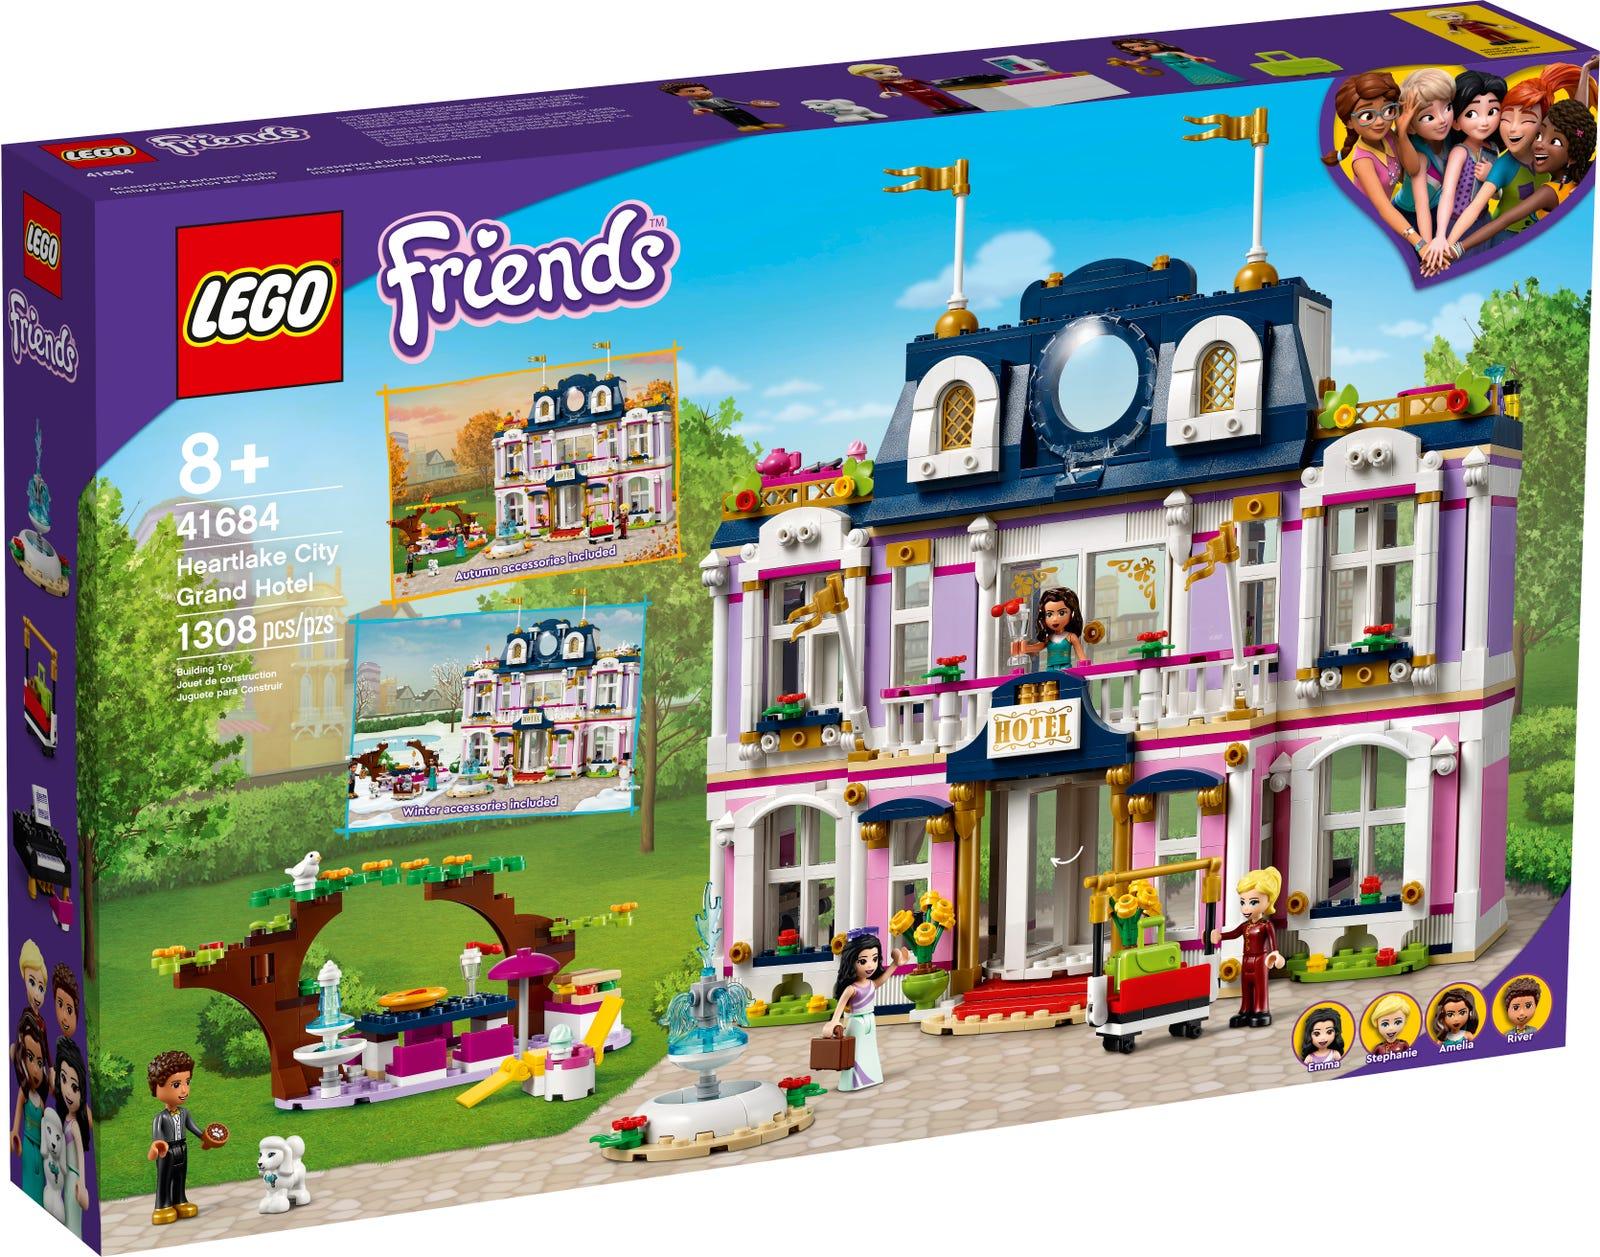 LEGO FRIENDS GRAND HOTEL DI HEARTLAKE CITY 41684